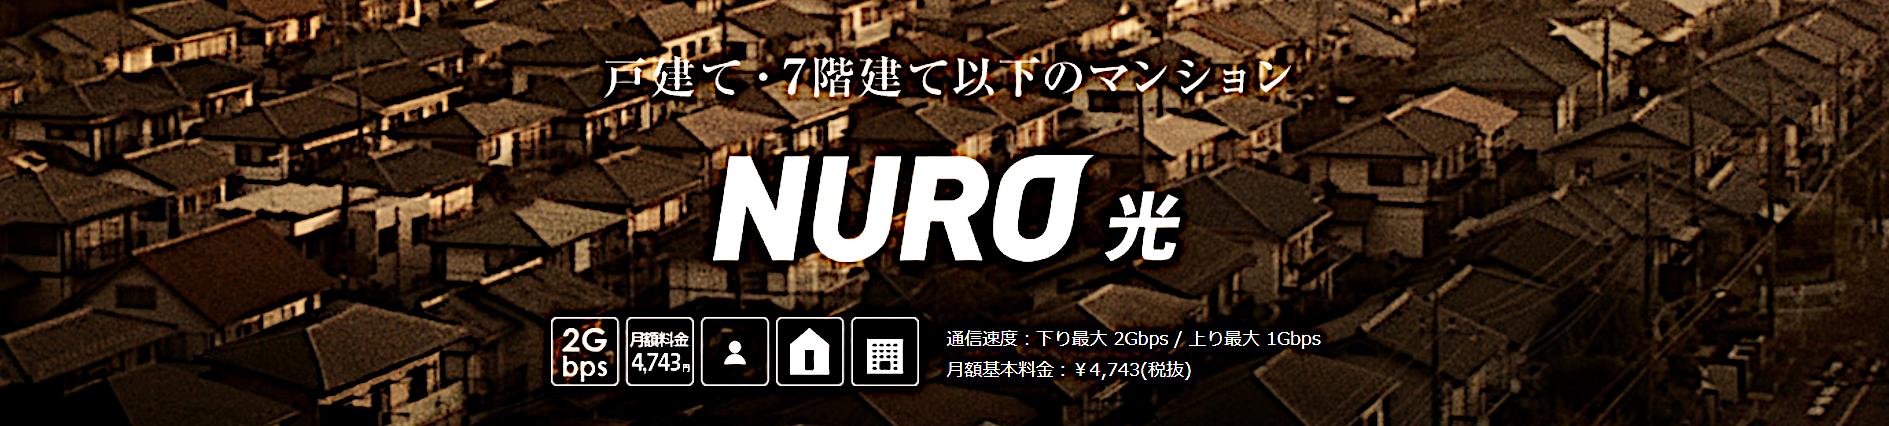 NURO公式イメージ